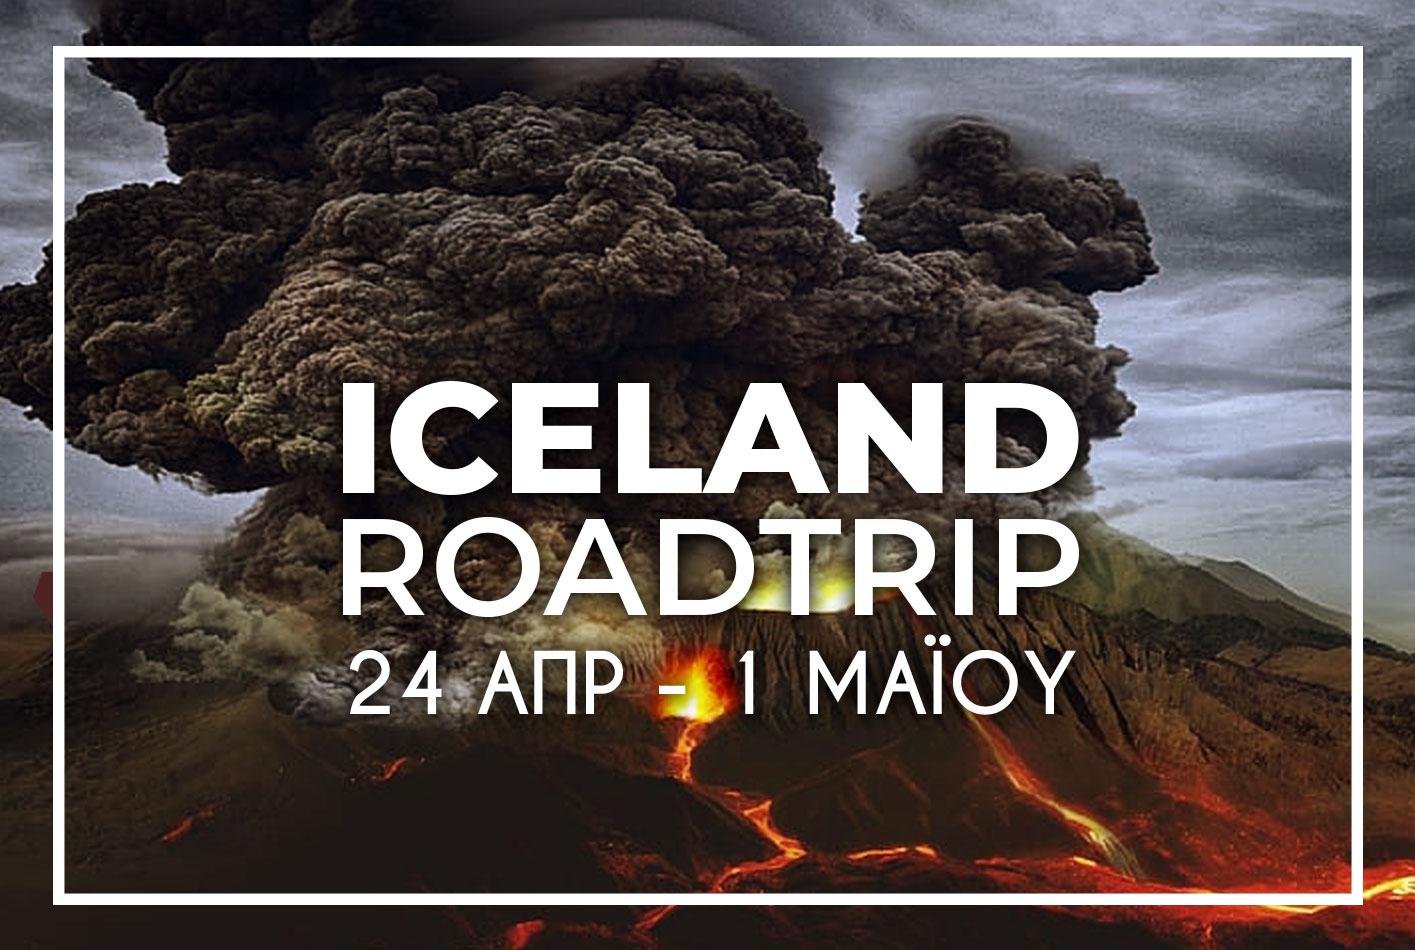 Ταξίδι στην Ισλανδία 24 Απριλίου με 1 Μαΐου